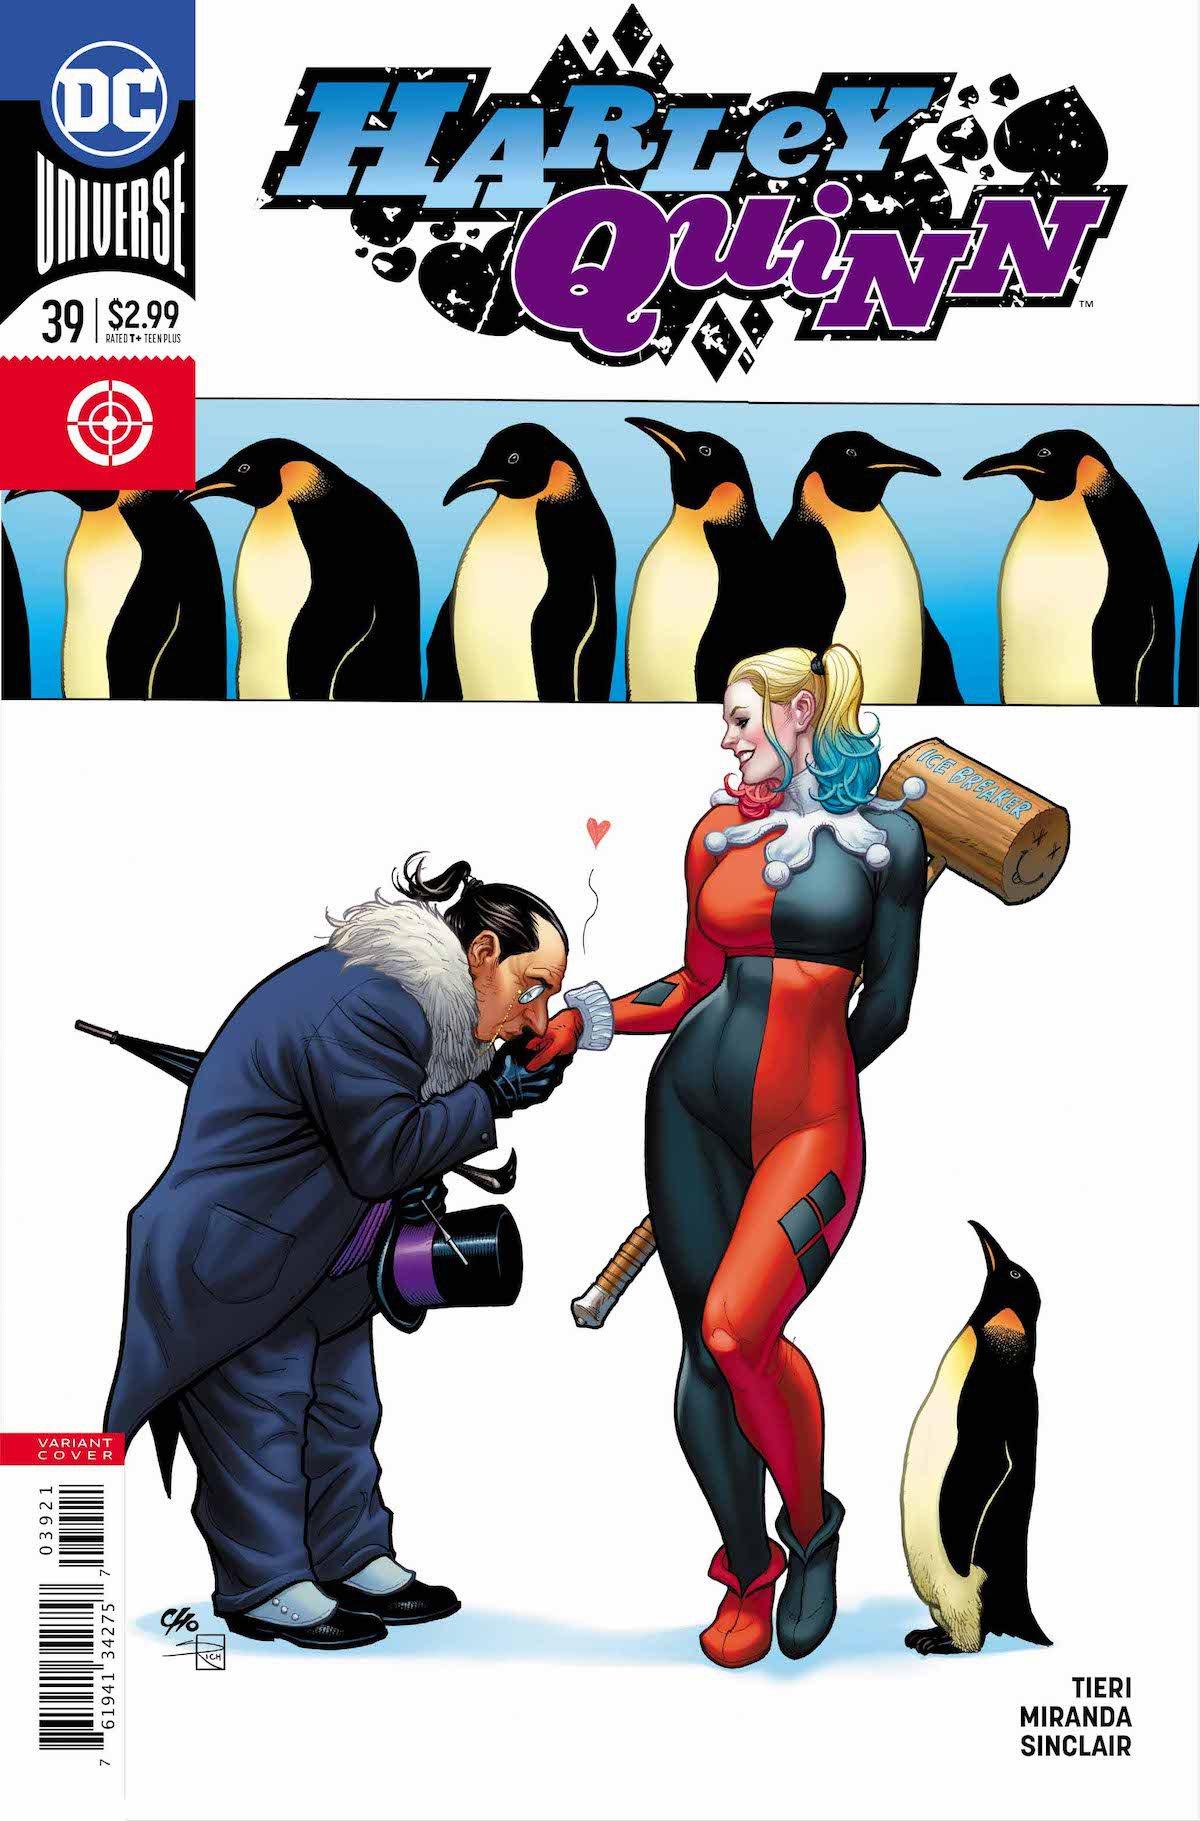 Harley Quinn #39 variant cover